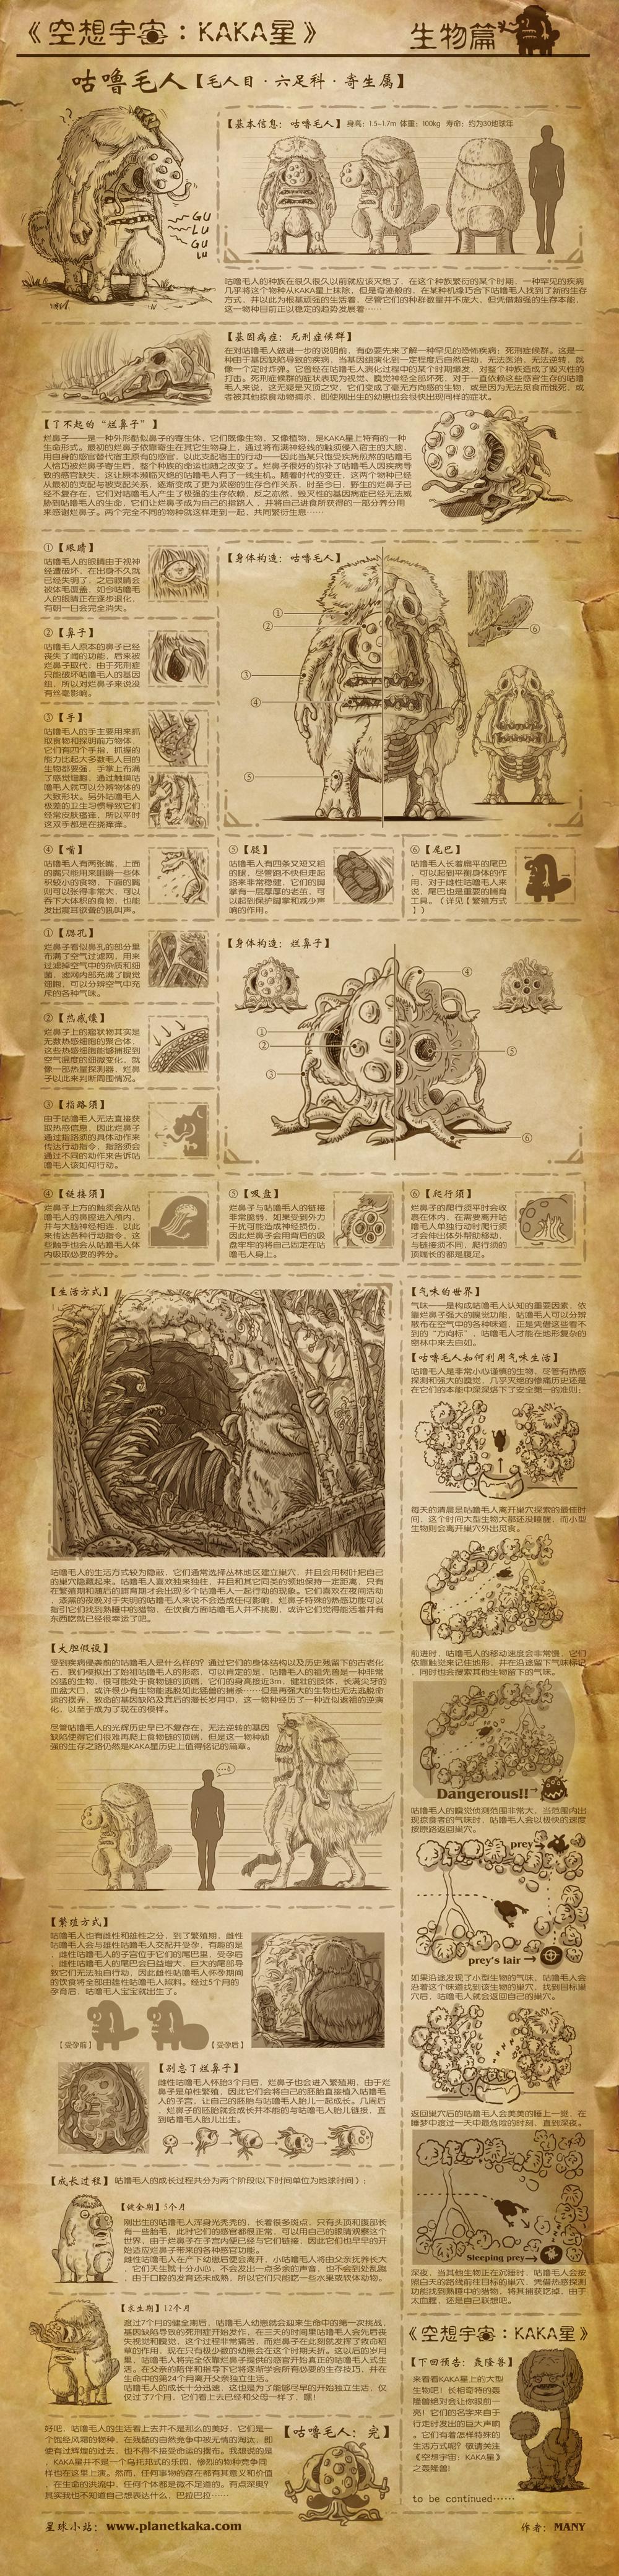 空想宇宙KAKA星:咕噜毛人